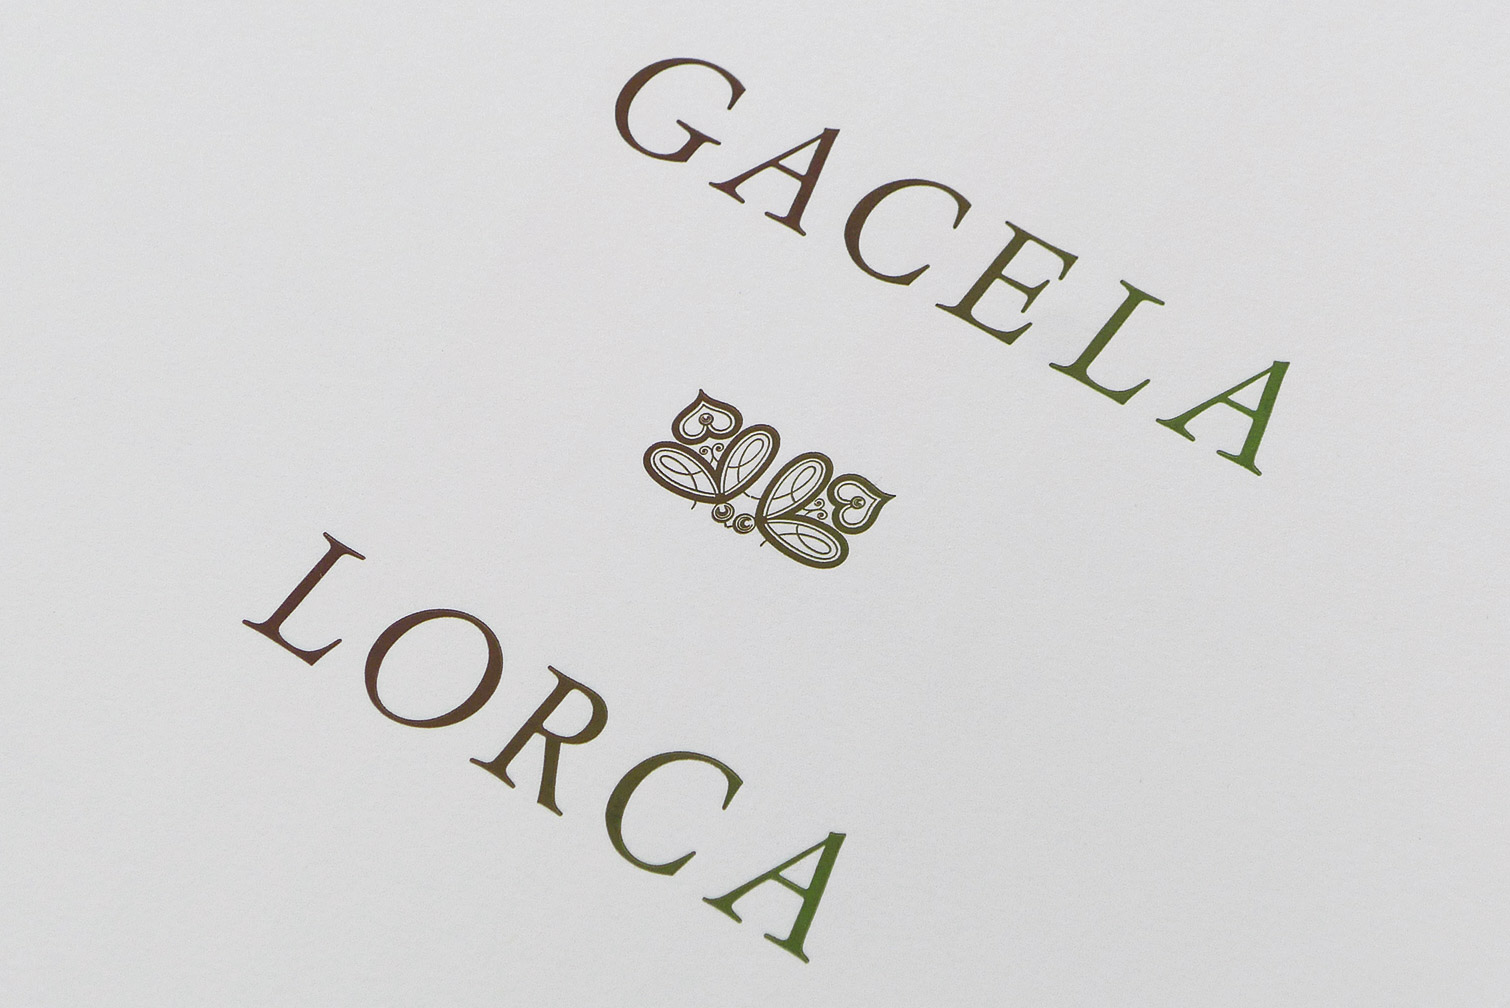 michael-caine-petropolis-lorca-garcela-L1670261.jpg